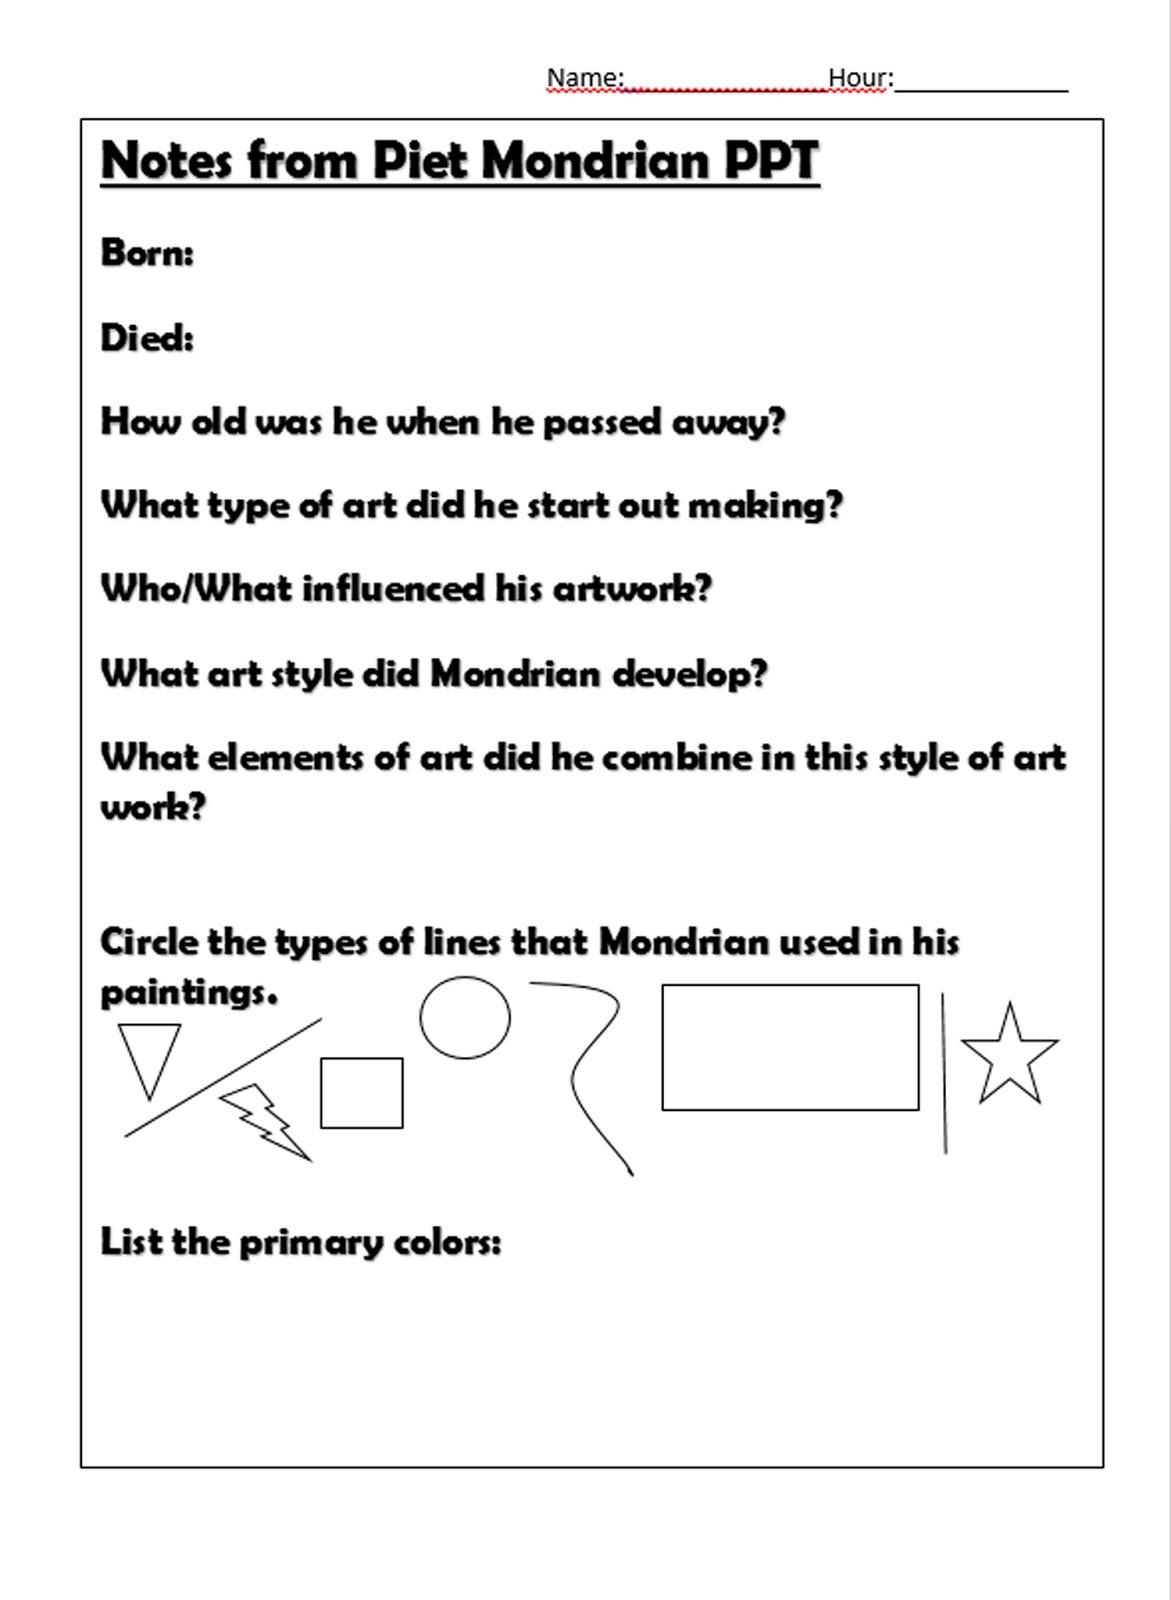 Mrsh Sartroom Graphic Design Peit Mondrian